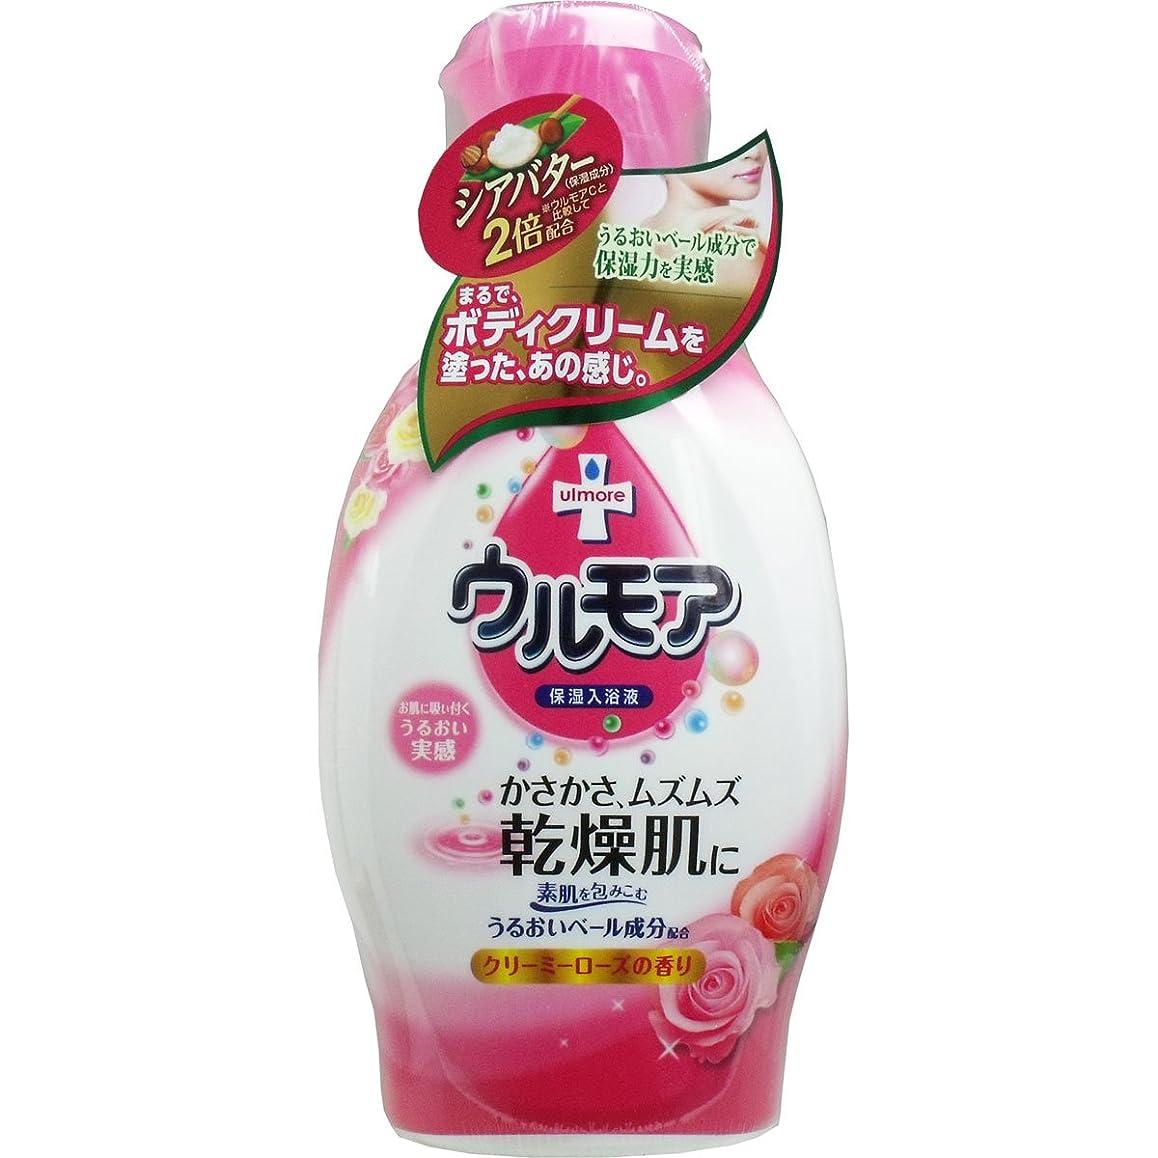 攻撃的内訳なす【アース製薬】保湿入浴液ウルモアクリーミーローズの香り 600ml ×5個セット